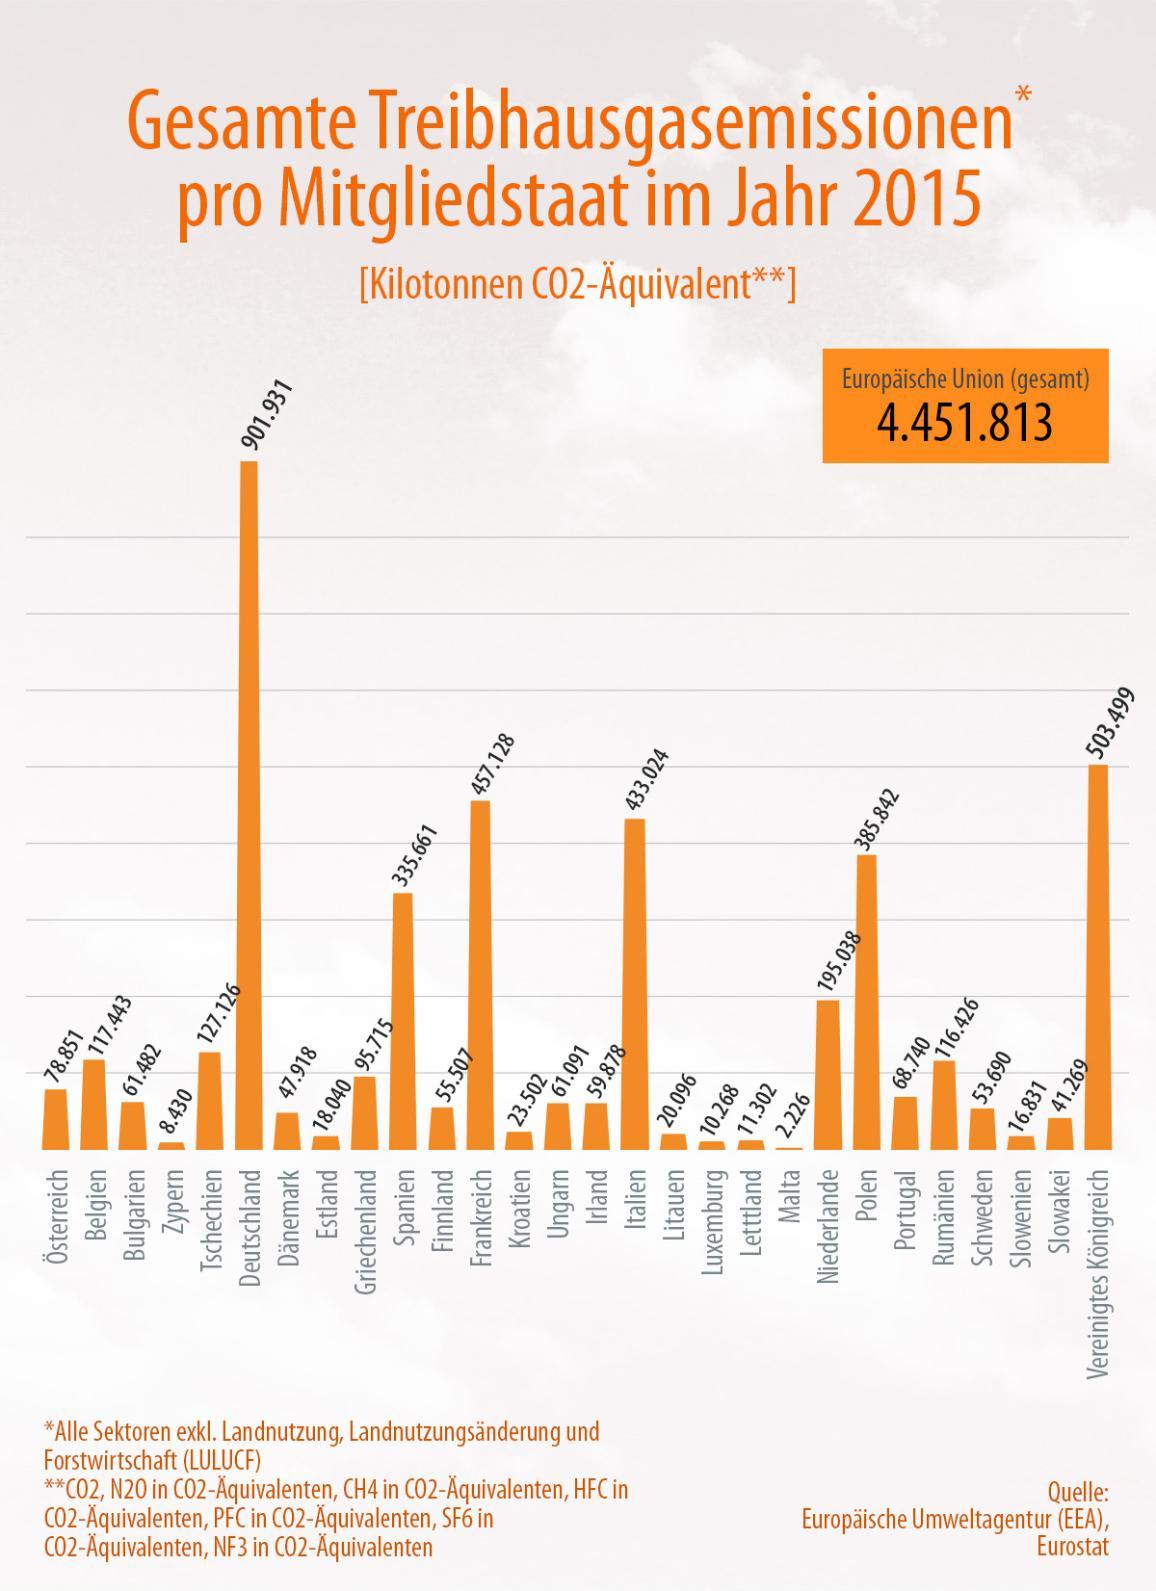 Die Grafik zeigt den Treibhausgasausstoß pro Mitgliedstaat